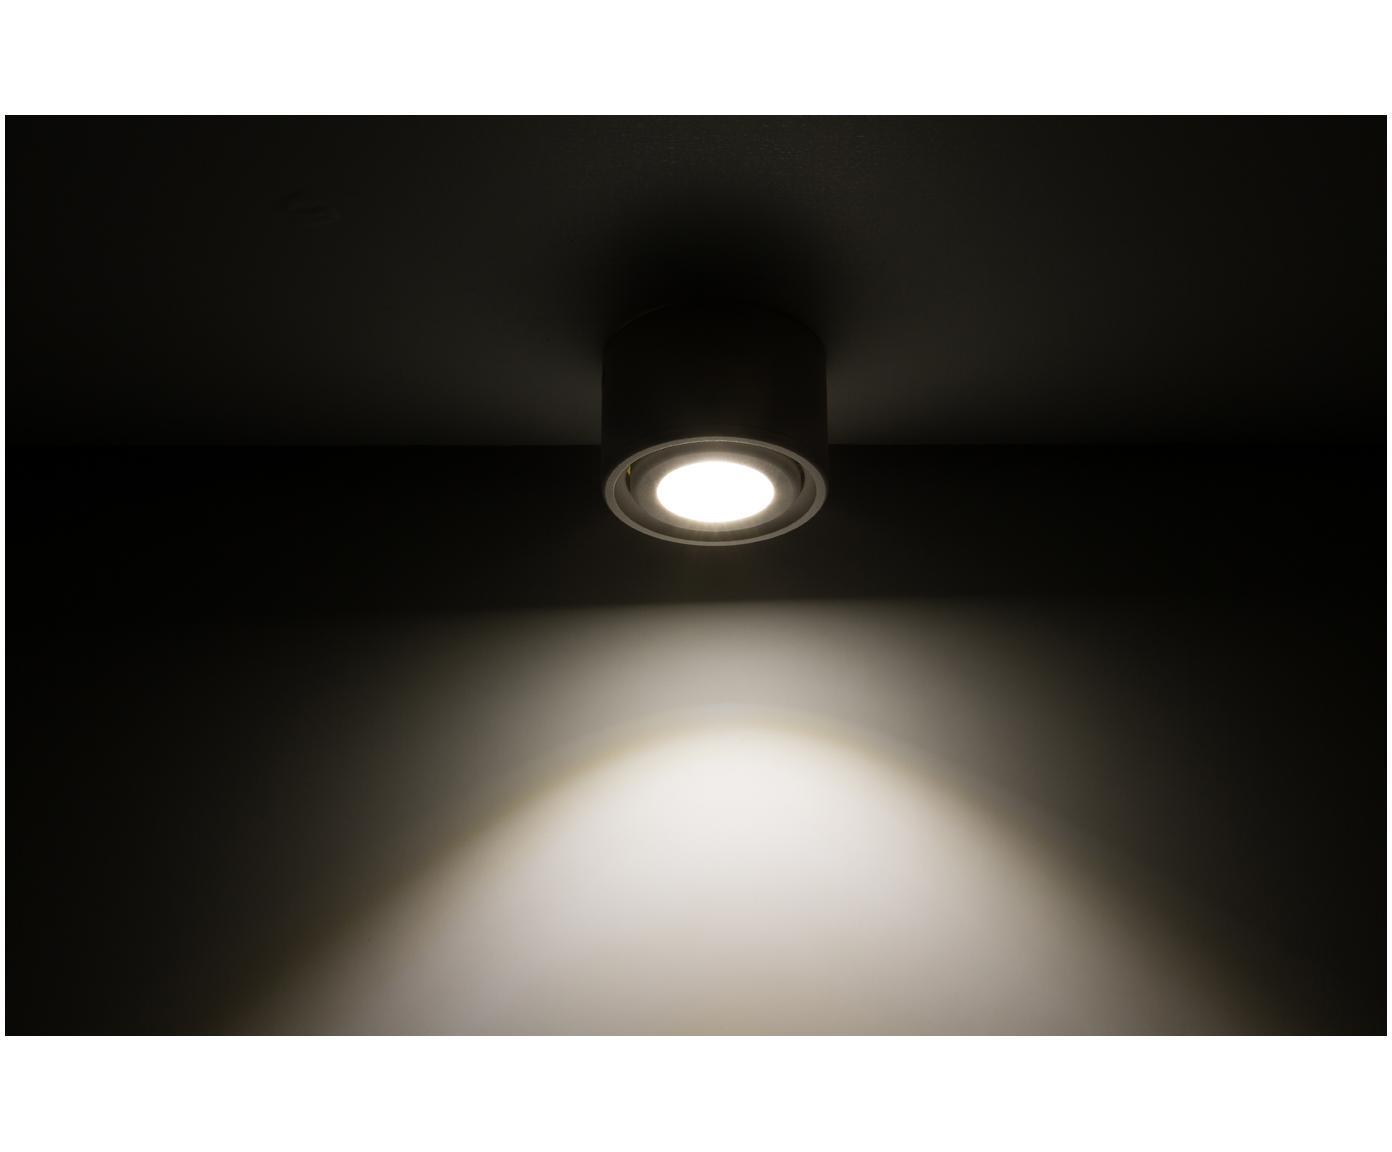 Lampa spot LED Anzio, Biały, Ø 8 x W 5 cm